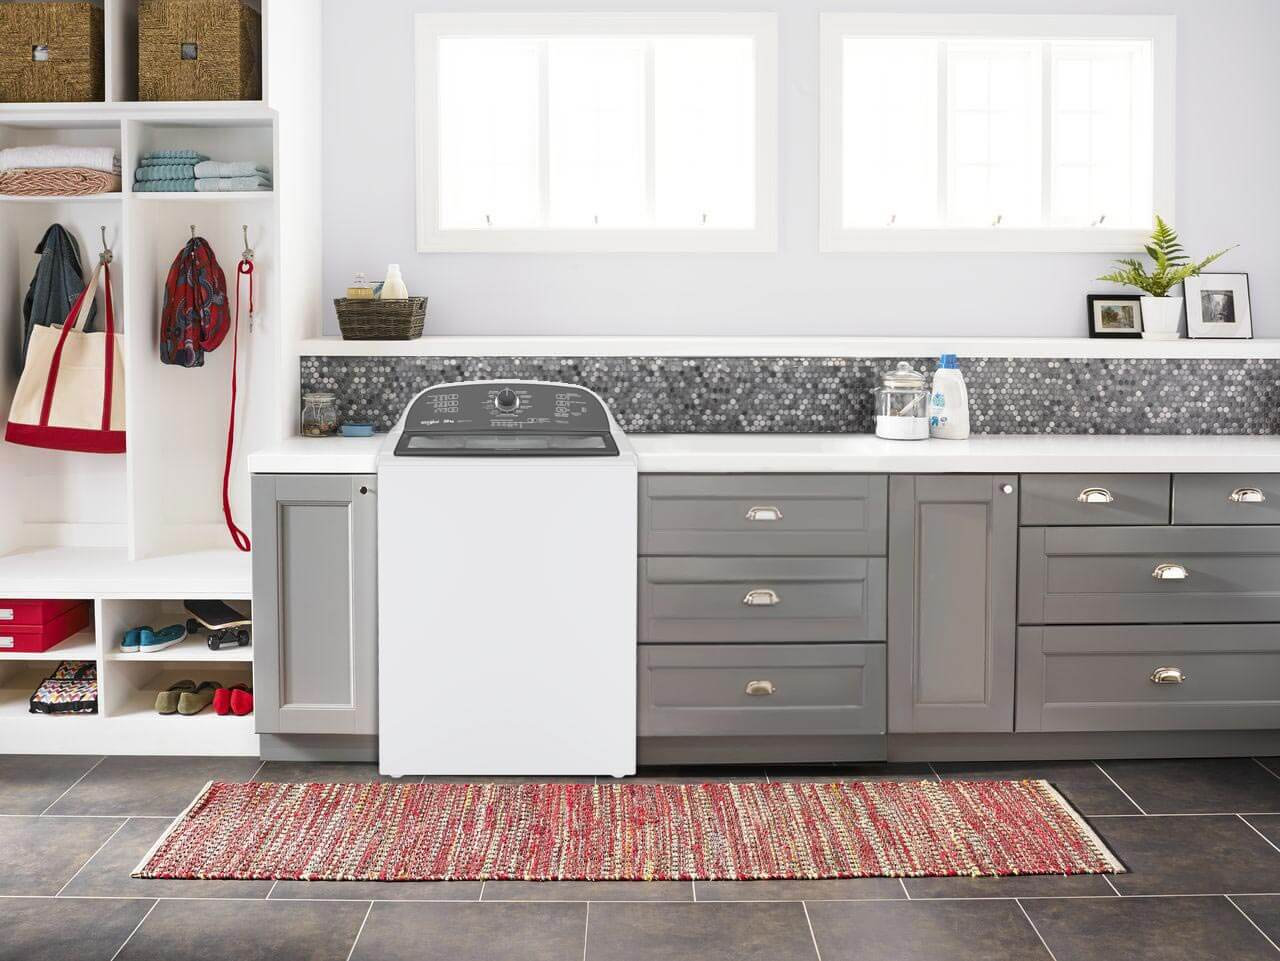 Lavadora que se ajusta mejor a tus espacios y te da mayor capacidad de lavado.